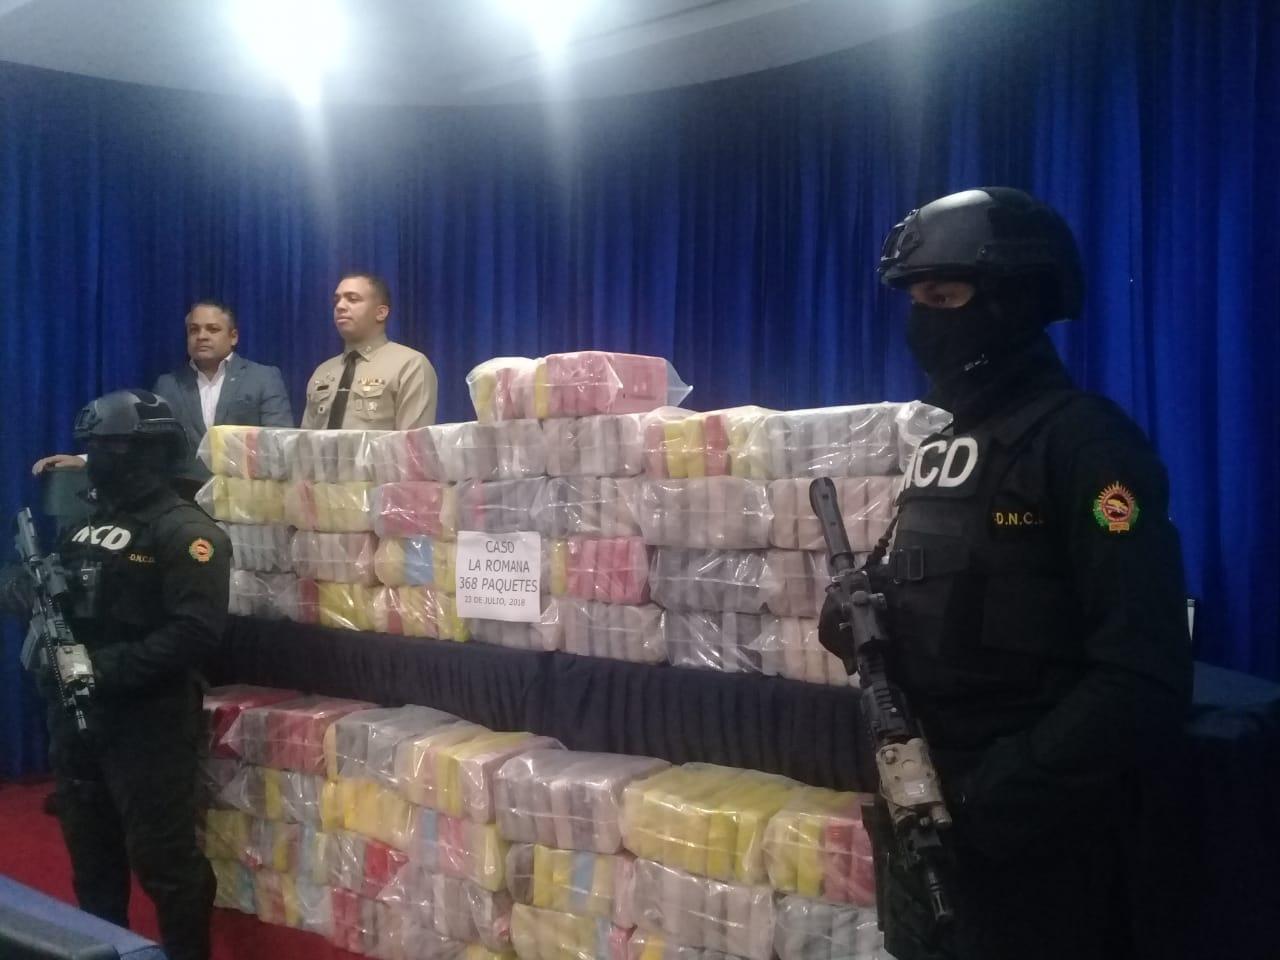 Incautan 368 paquetes de presumiblemente cocaína en La Romana